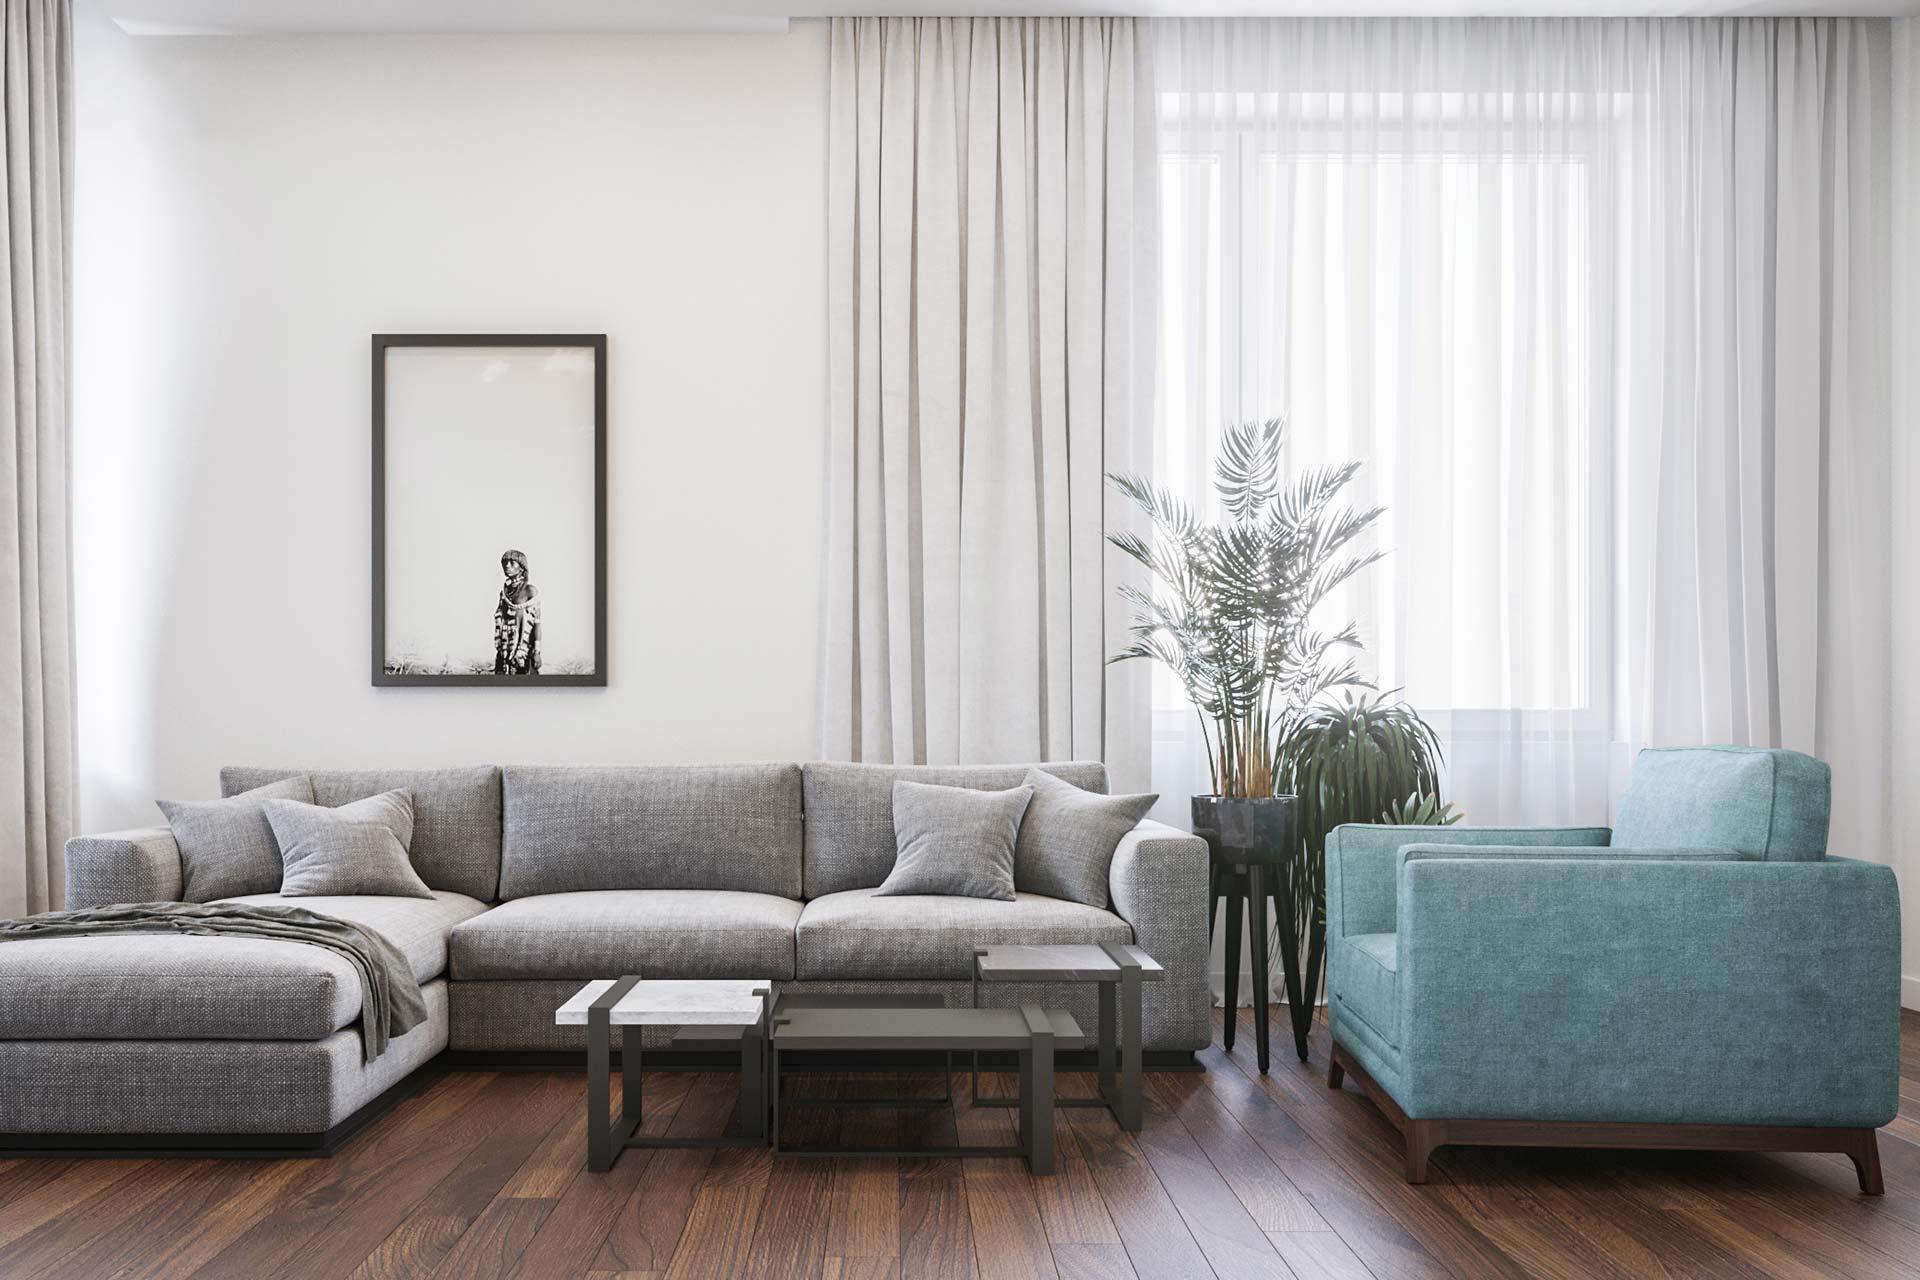 Дизайн интерьера 3-х комнатной квартиры в ЖК Достояние | Современный стиль